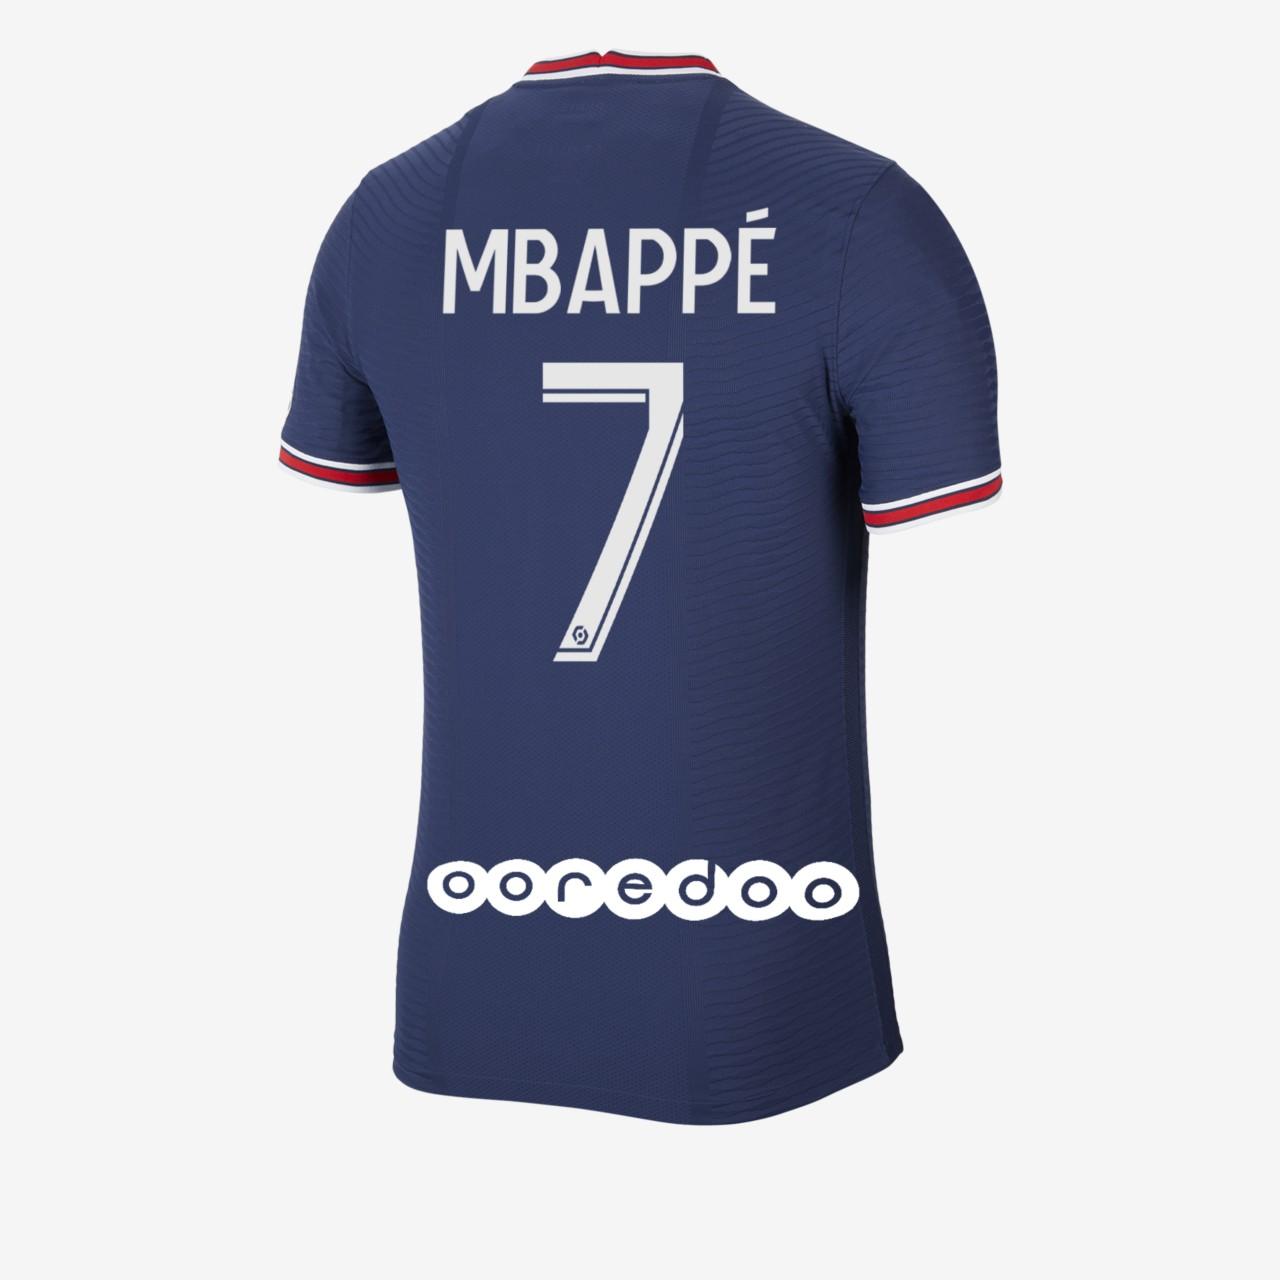 Maillot PSG flocage Mbappé